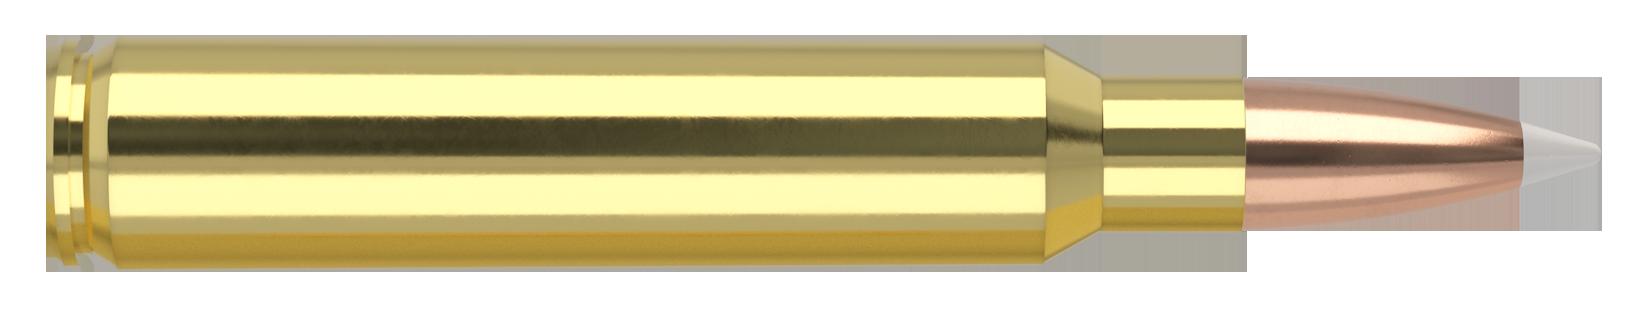 AmmunitionBuilder_338 RUM_Ammo AB.png